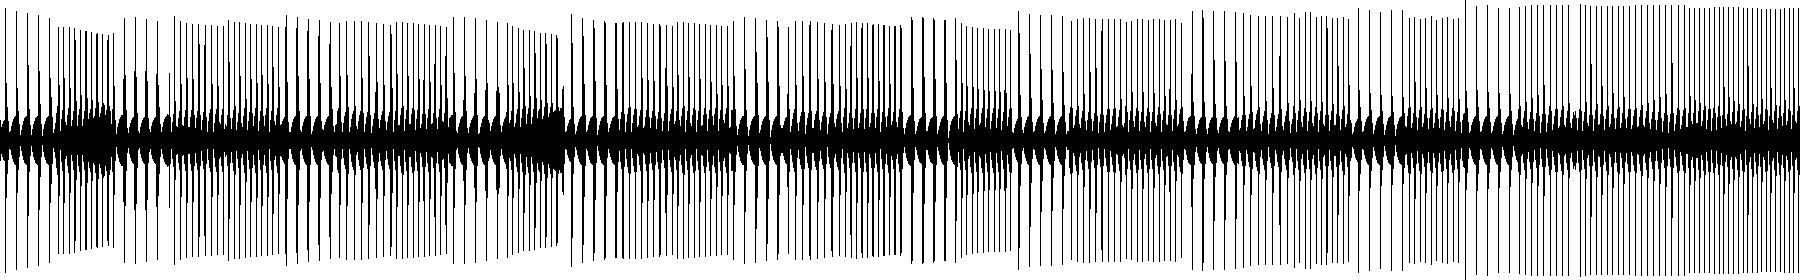 mc09 acid bassline01 120 em